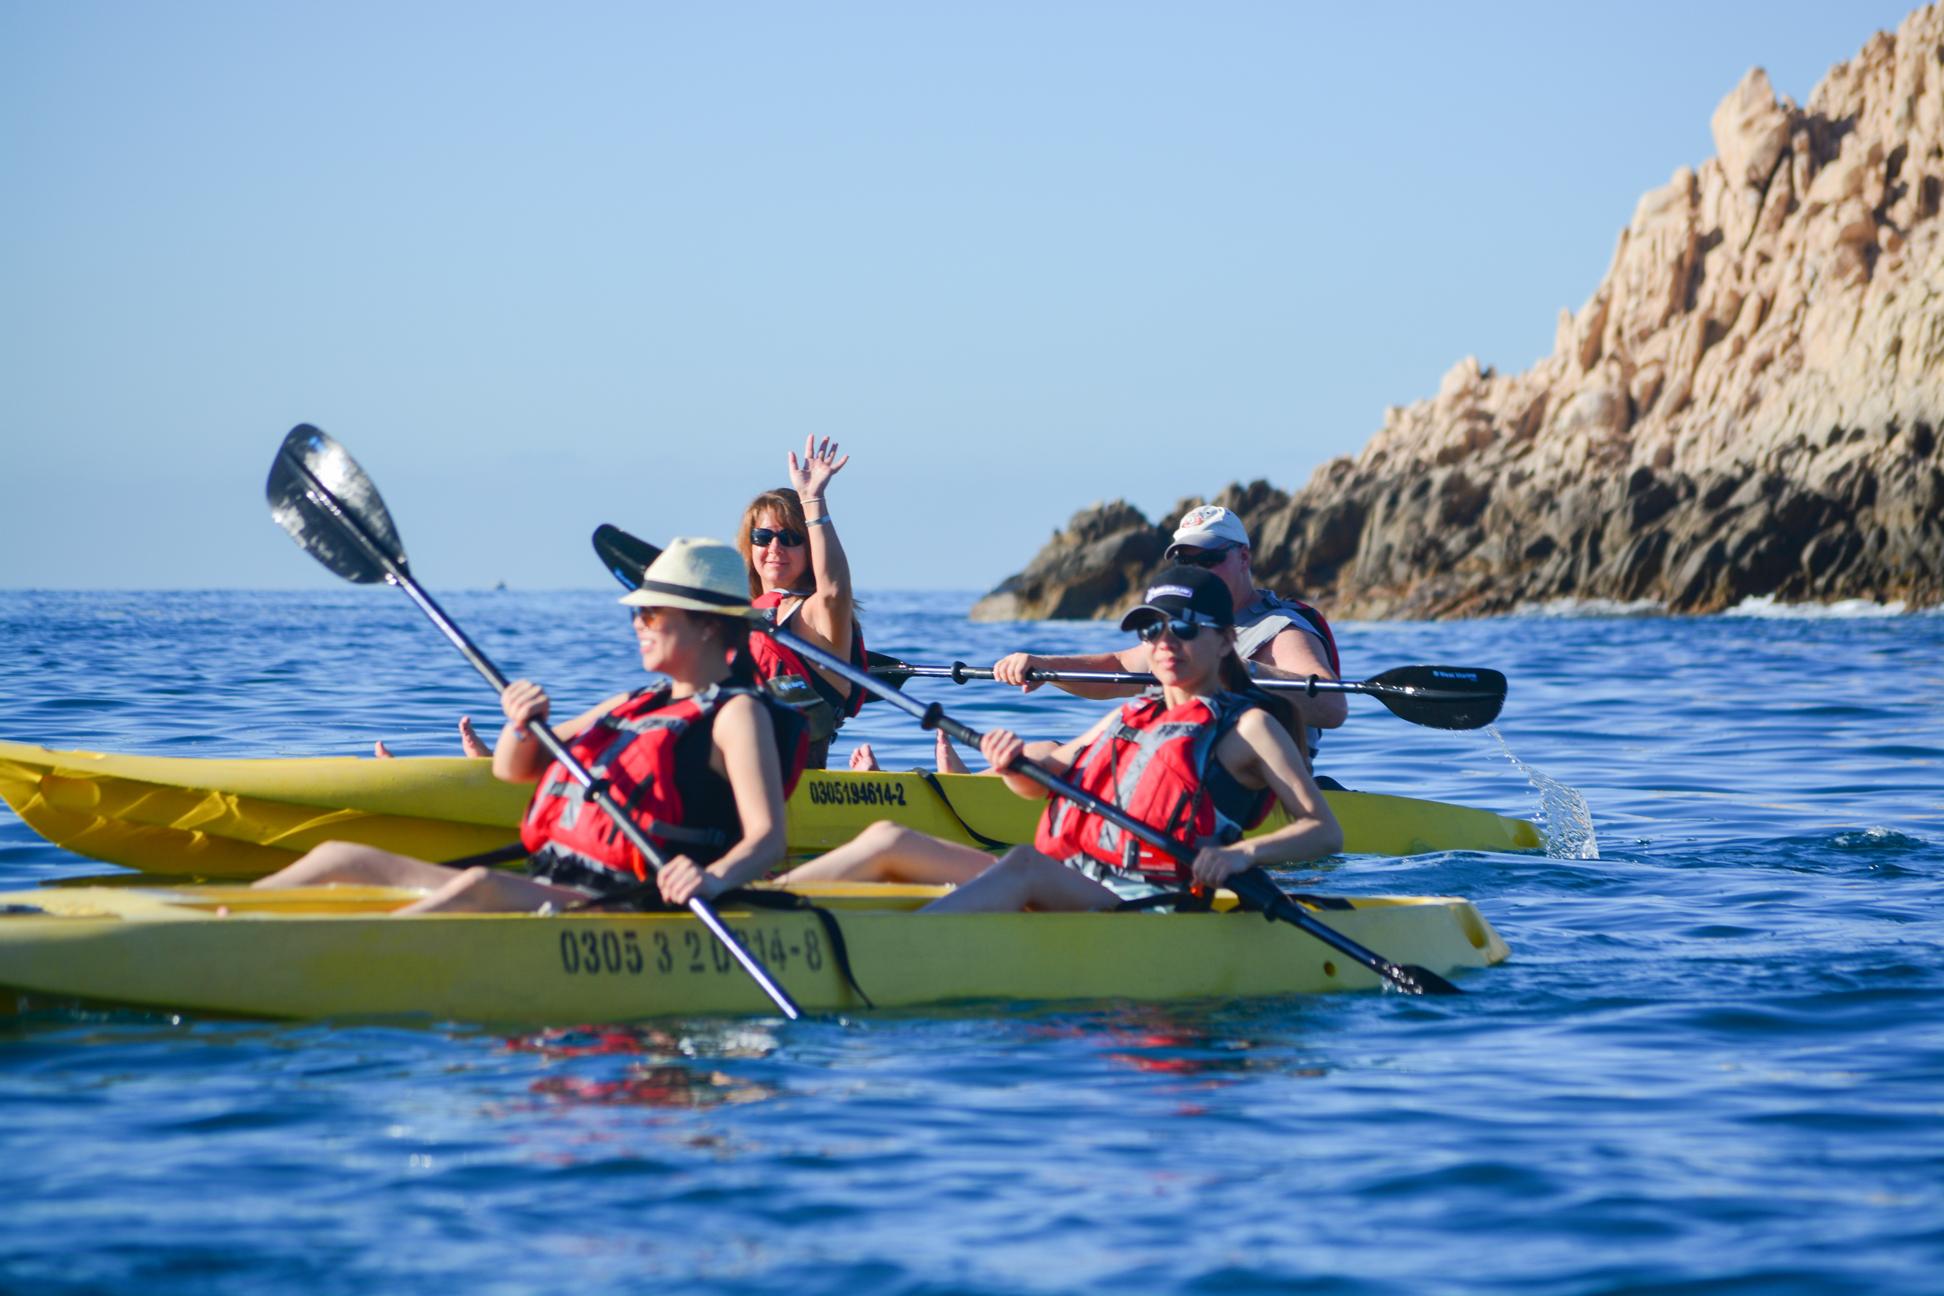 Cabo kayaking and snorkeling in Santa Maria and Chileno Bay